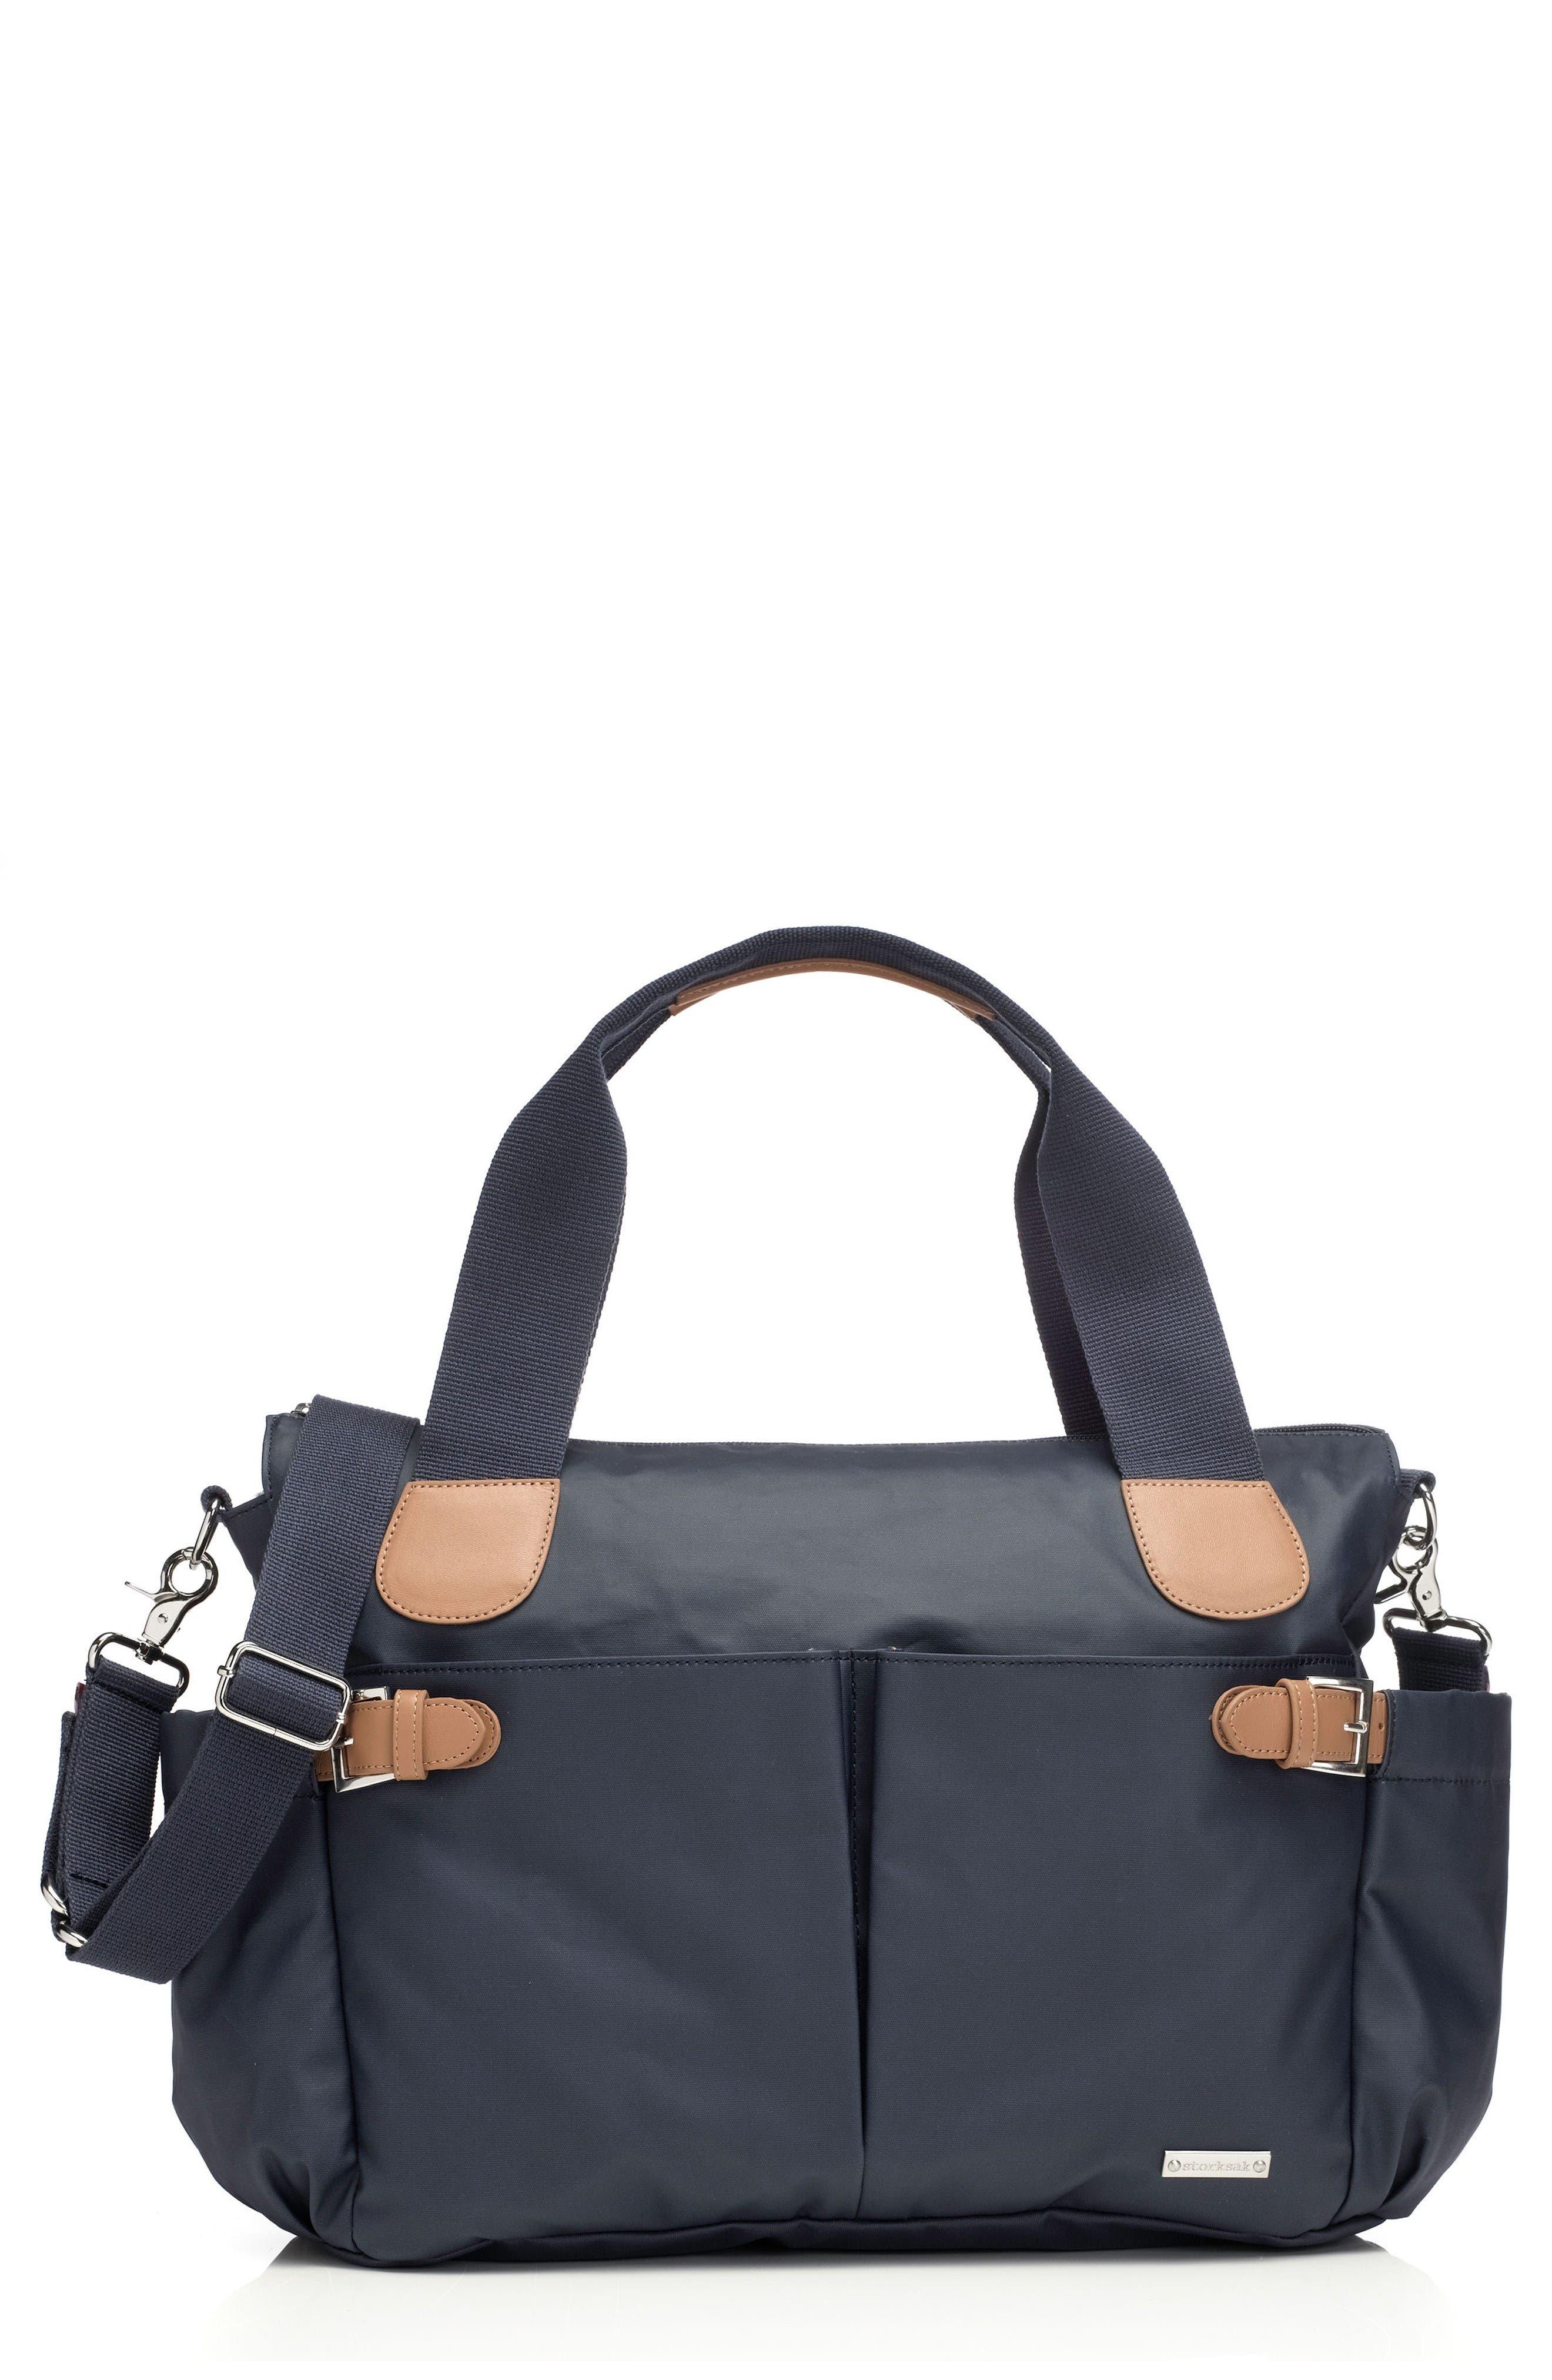 Main Image - Storksak 'Kay' Diaper Bag